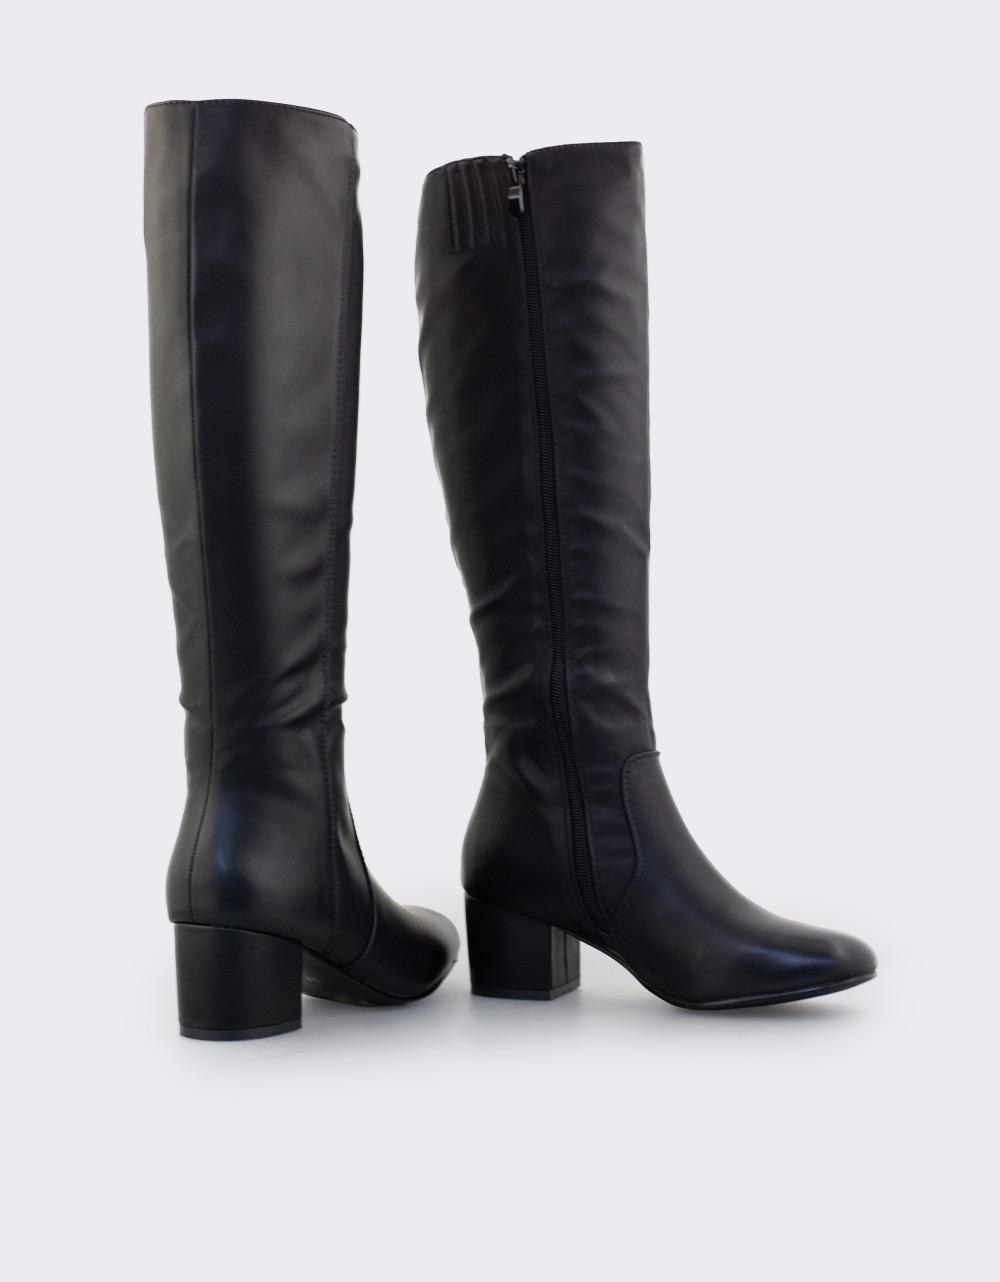 Εικόνα από Γυναικείες μπότες μονόχρωμες με καρέ τακούνι Μαύρο